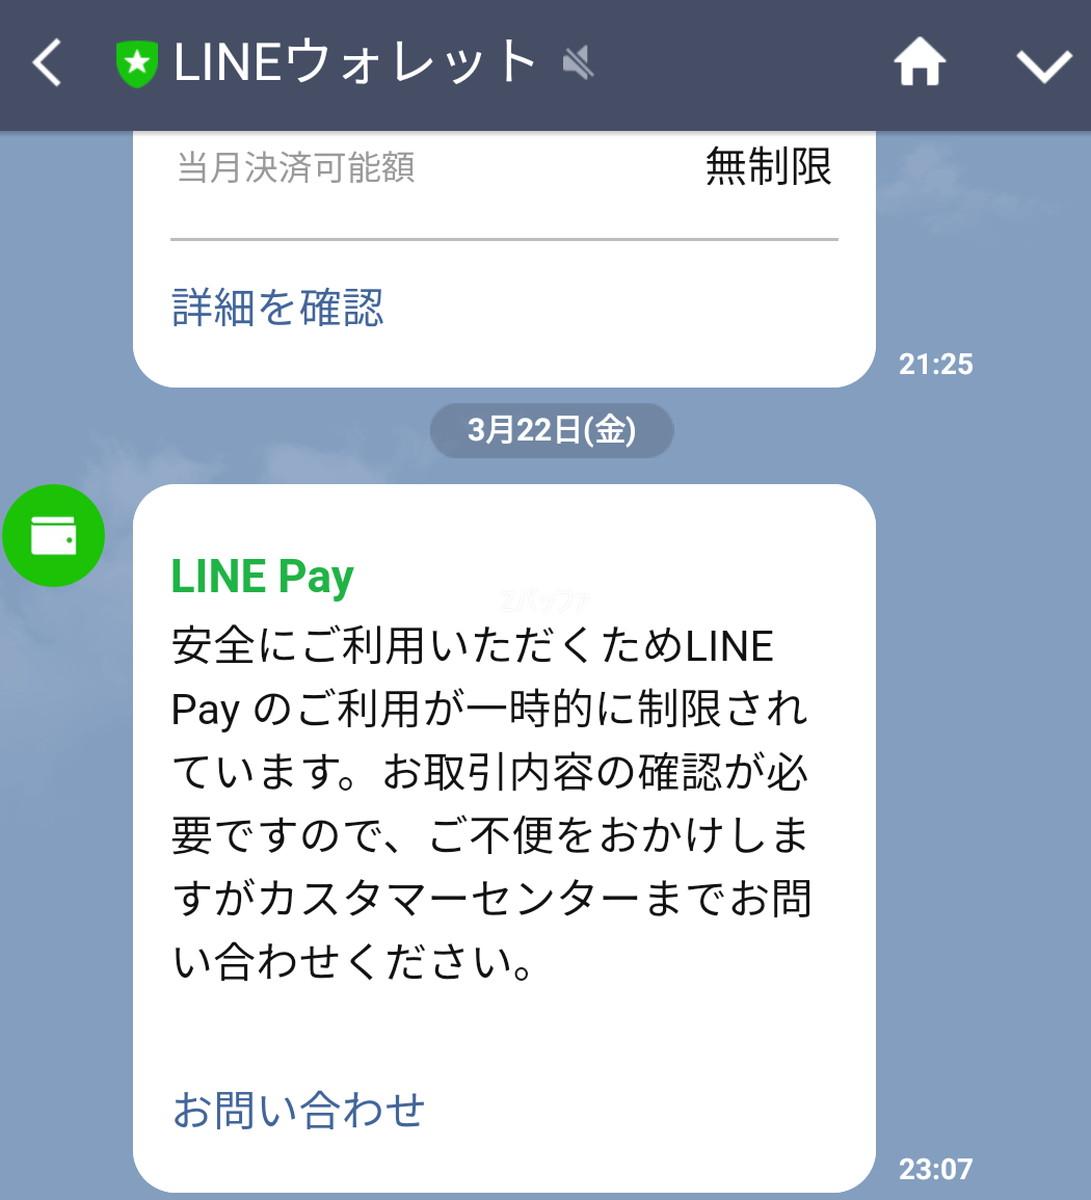 LINE Payの取引が一時的に停止された旨の連絡